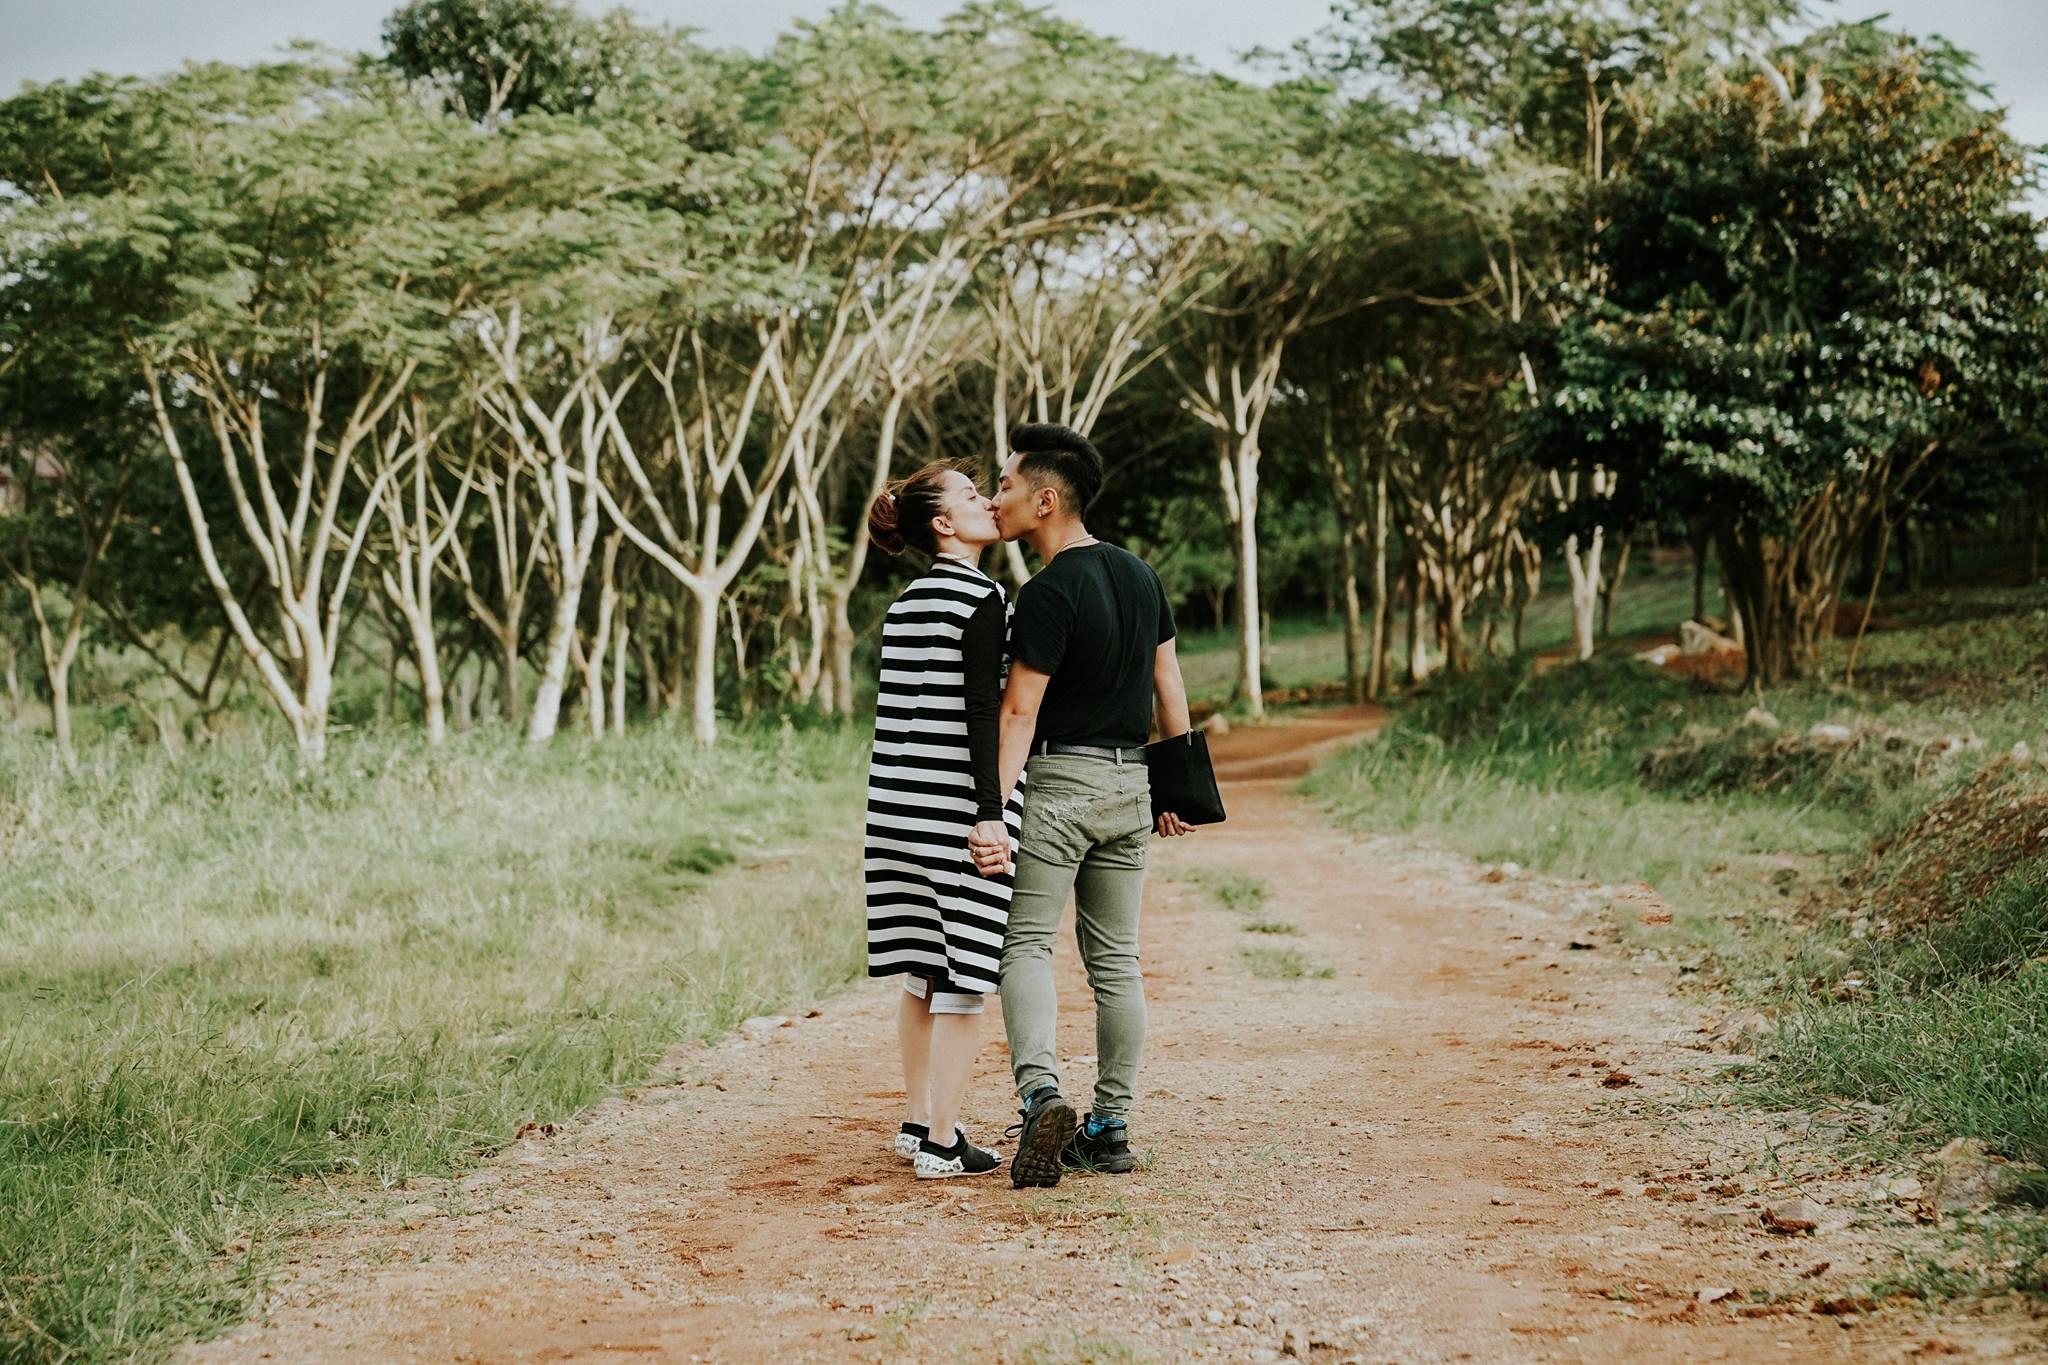 Phan Hiển, Khánh Thi trao nhau nụ hôn ngọt ngào sau tin đồn lục đục - hình ảnh 5